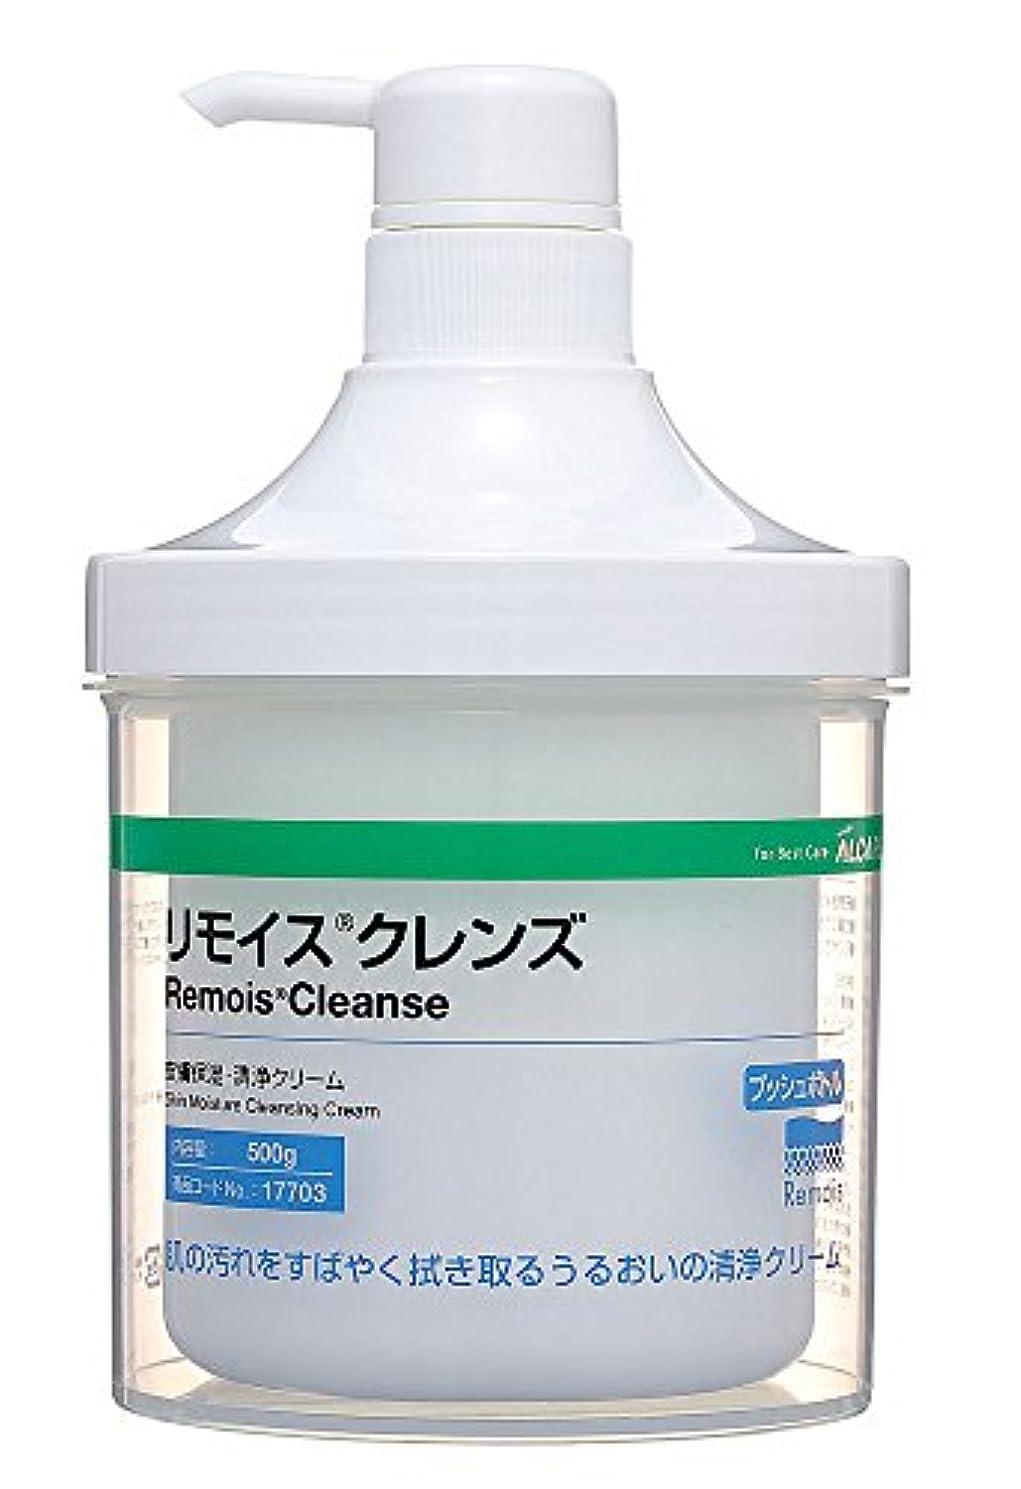 エレメンタル不誠実カセットアルケア リモイスクレンズ 皮膚保湿?清浄クリーム 17703 プッシュボトル 500g